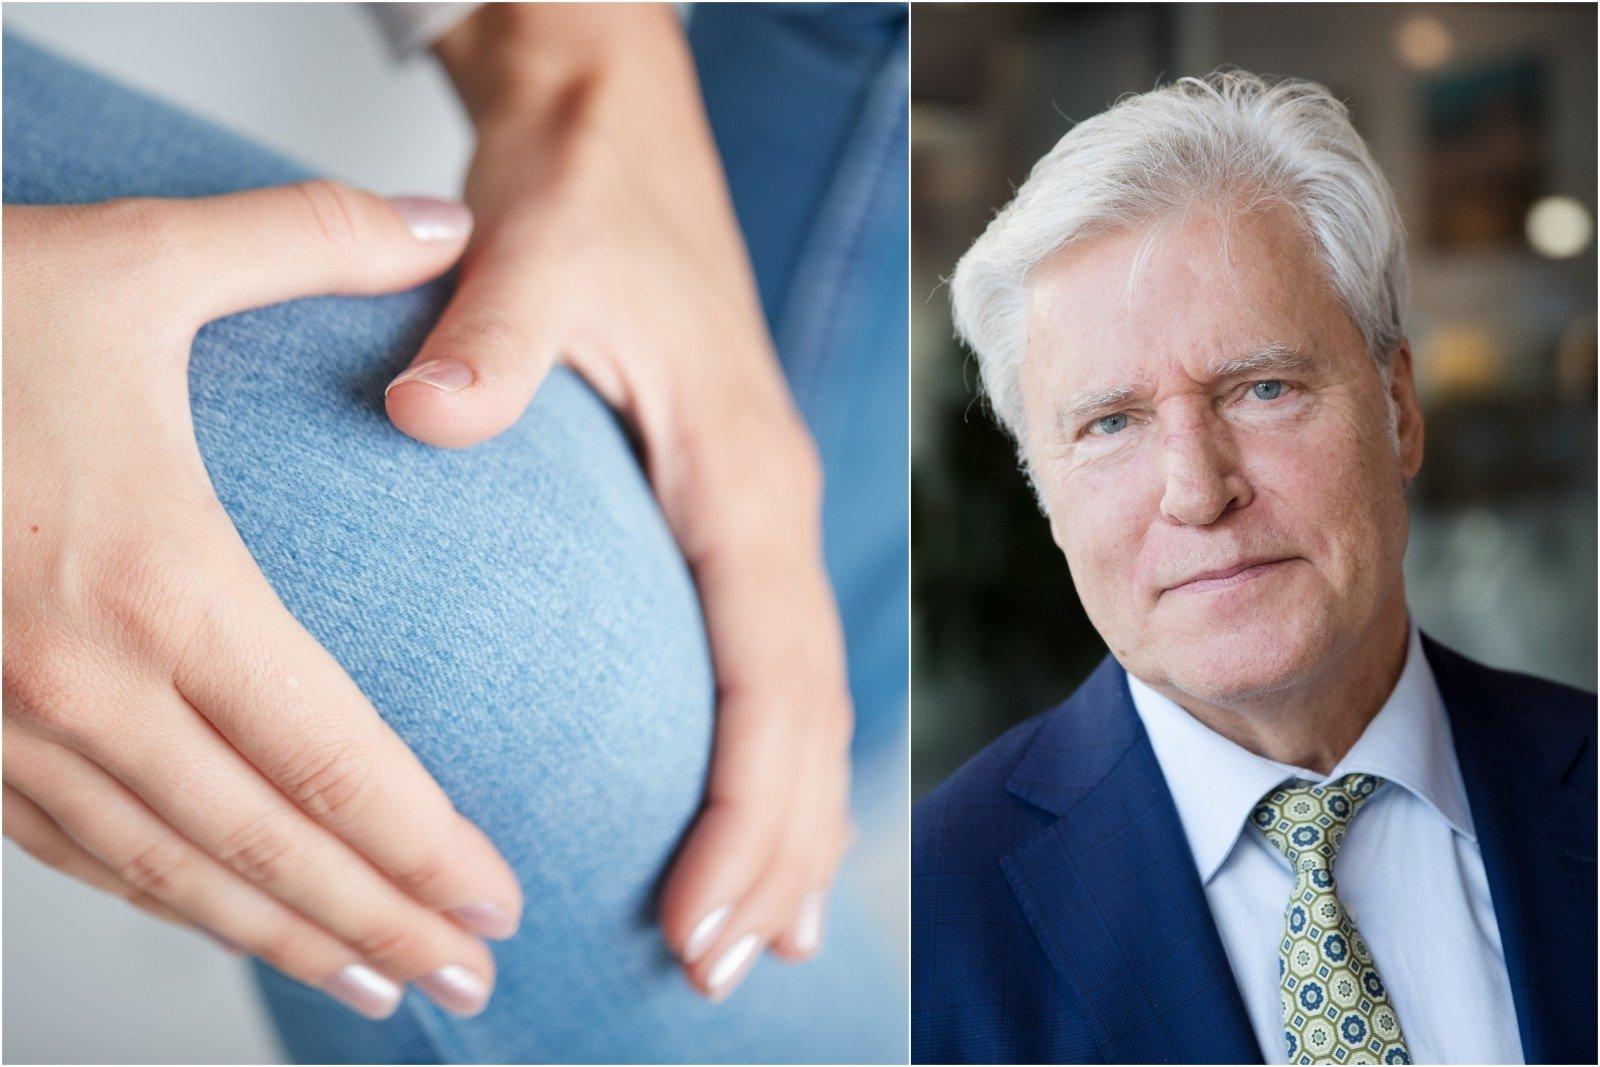 raumenų ir sąnarių serga po darbo kaip gydyti sanariu artrita